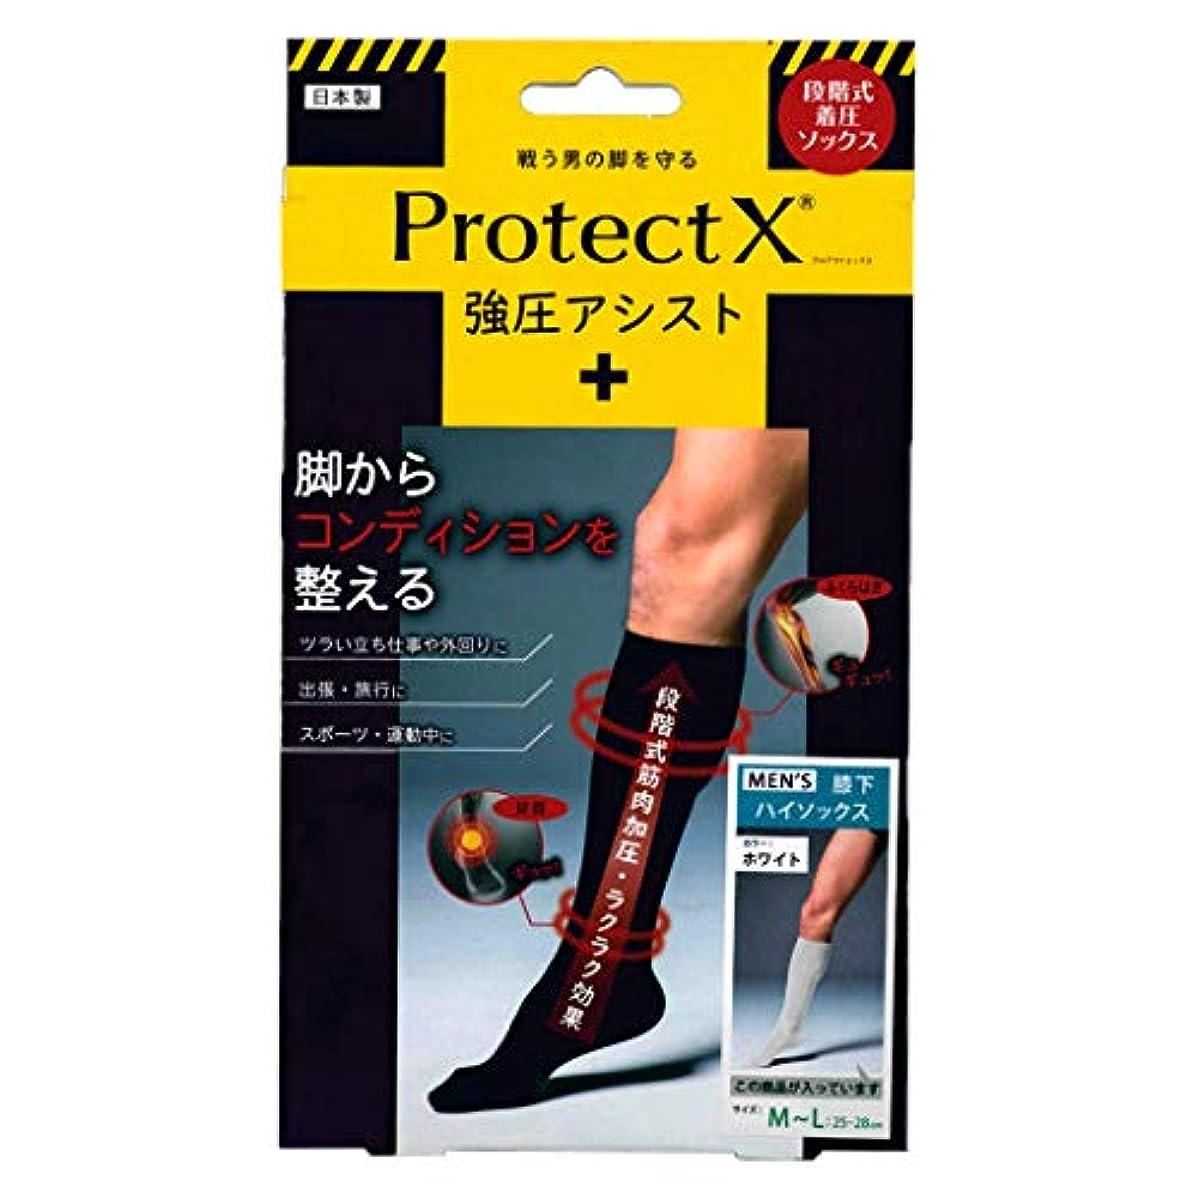 郊外革命的数字Protect X(プロテクトエックス) 強圧アシスト つま先あり着圧ソックス 膝下 M-Lサイズ ホワイト